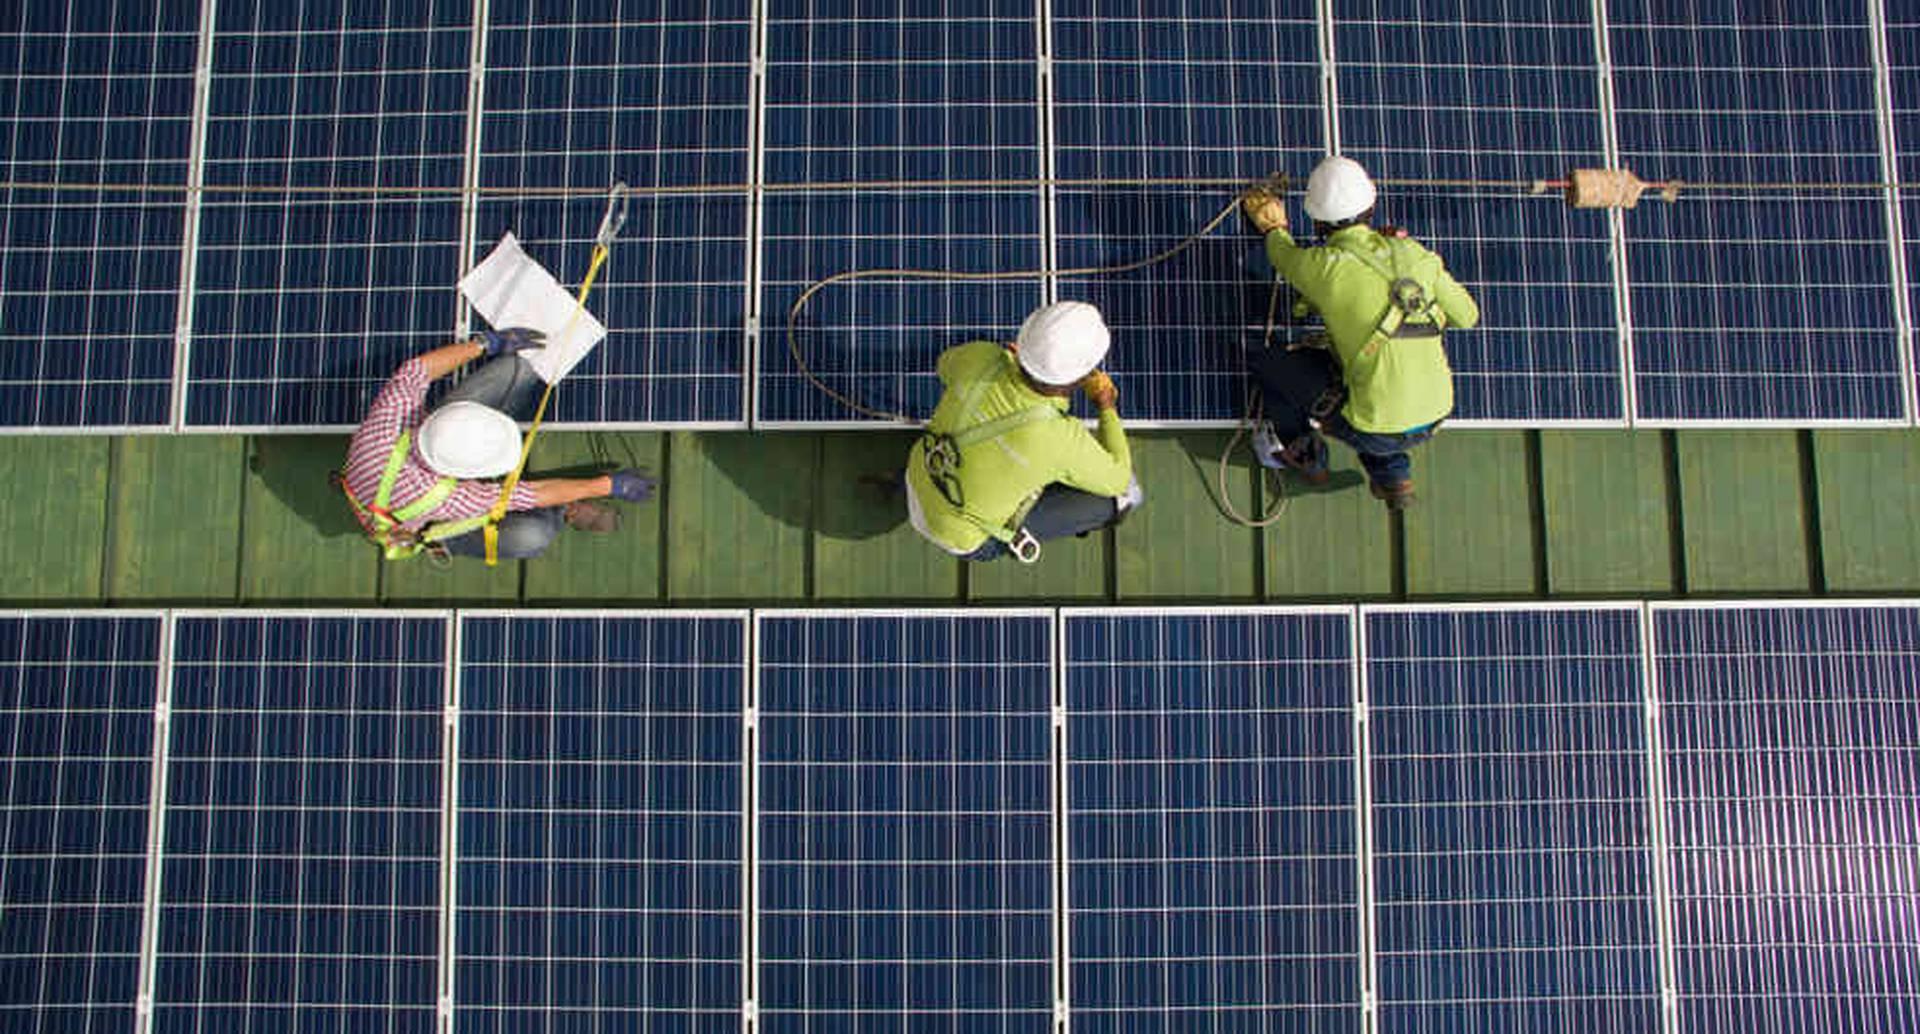 EPM se encarga de la instalación, la operación y el mantenimiento de los paneles solares.